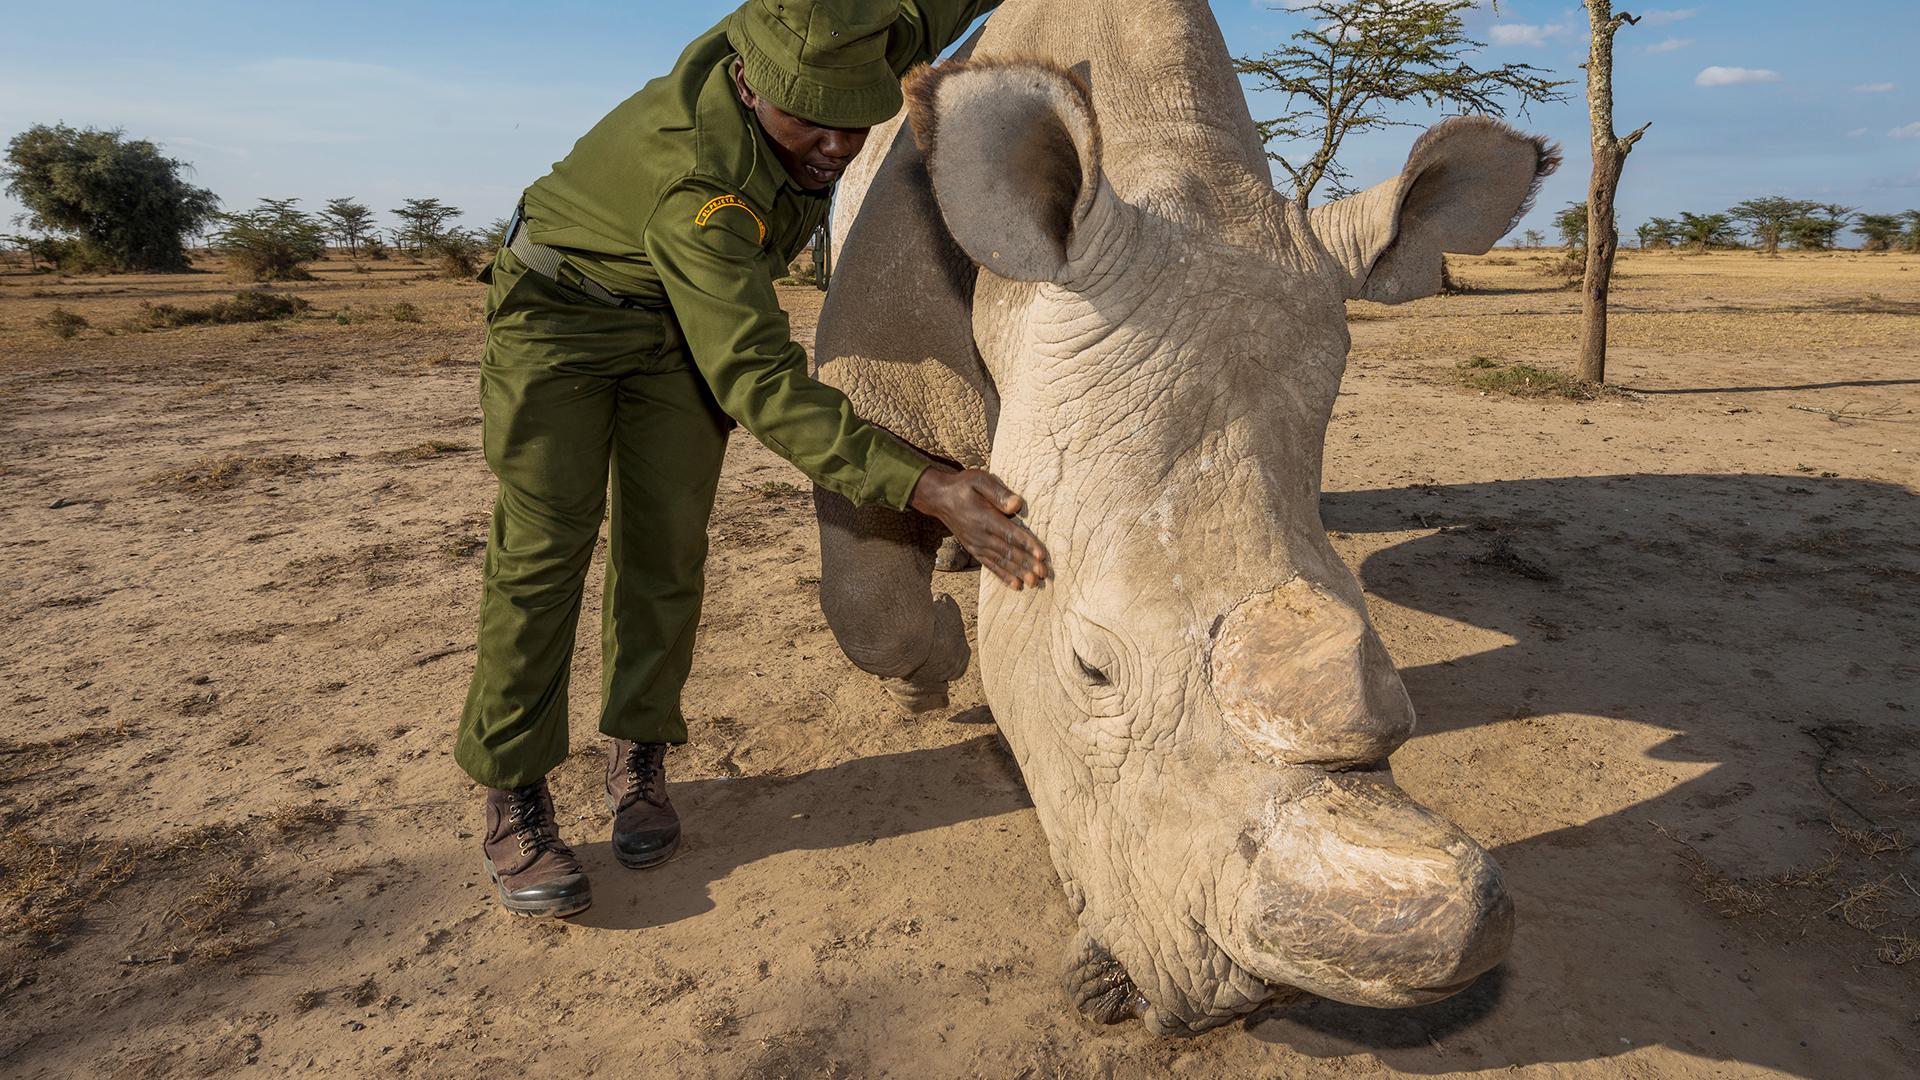 Nach Sudans Tod gibt es nun nur noch zwei weibliche Nördliche Breitmaulnashörner. Der letzte Strohhalm zur Rettung der Unterart sind nun Initiativen zur künstlichen Befruchtung. © Ola Jennersten / WWF